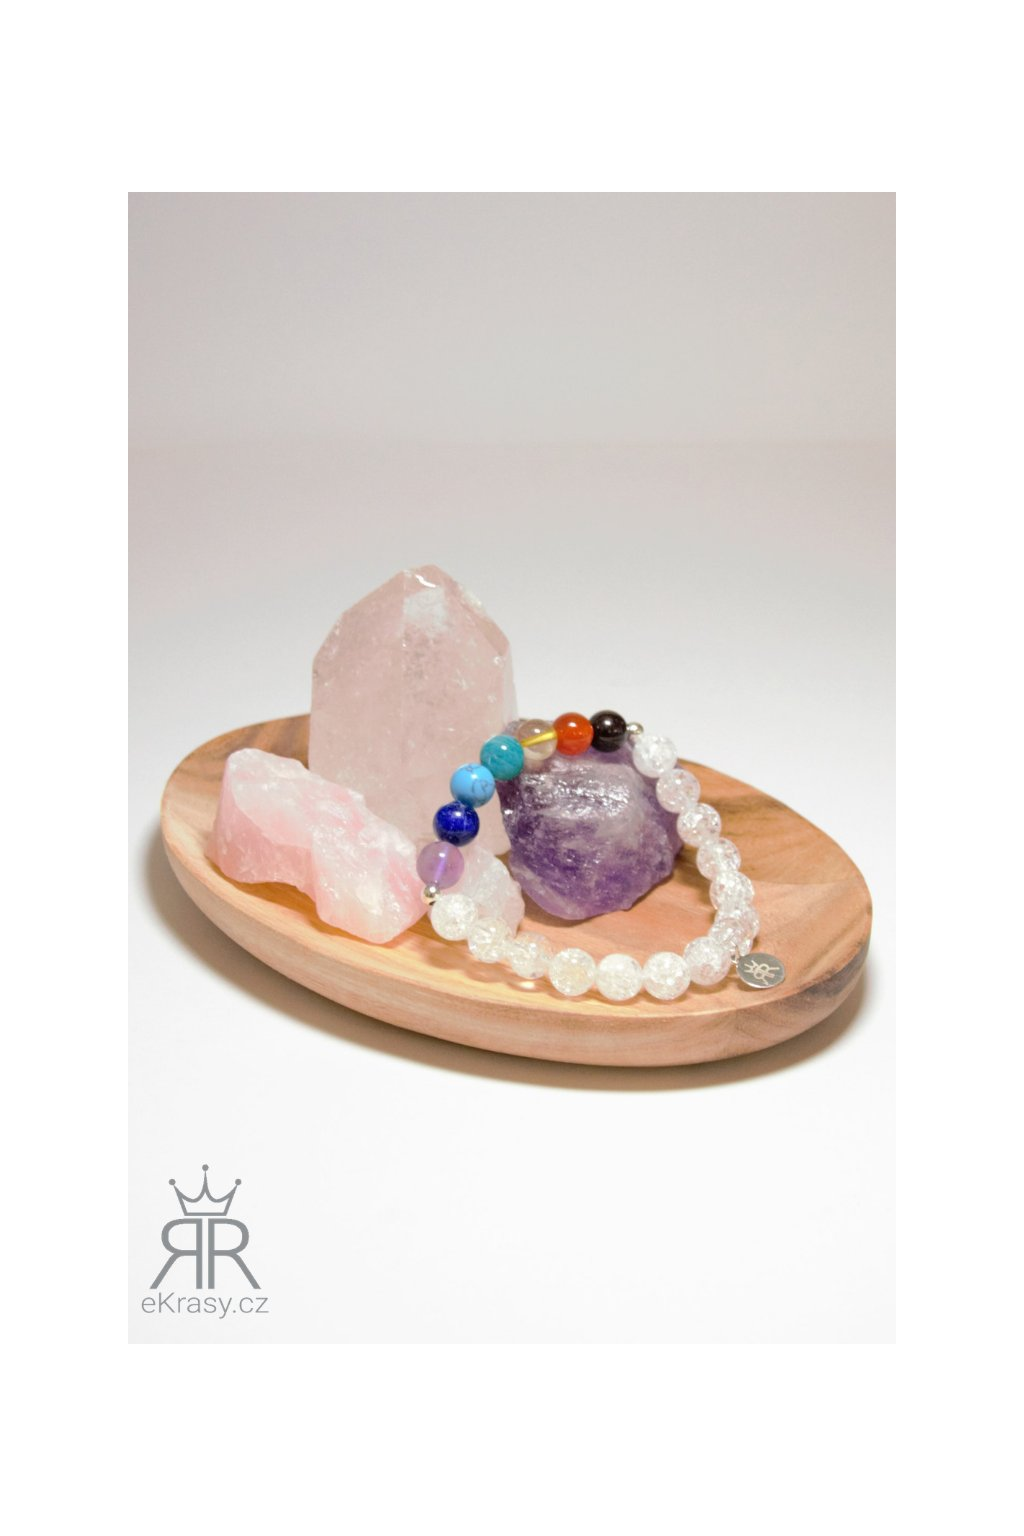 eKrasy náramek Čakry Tiga s kameny